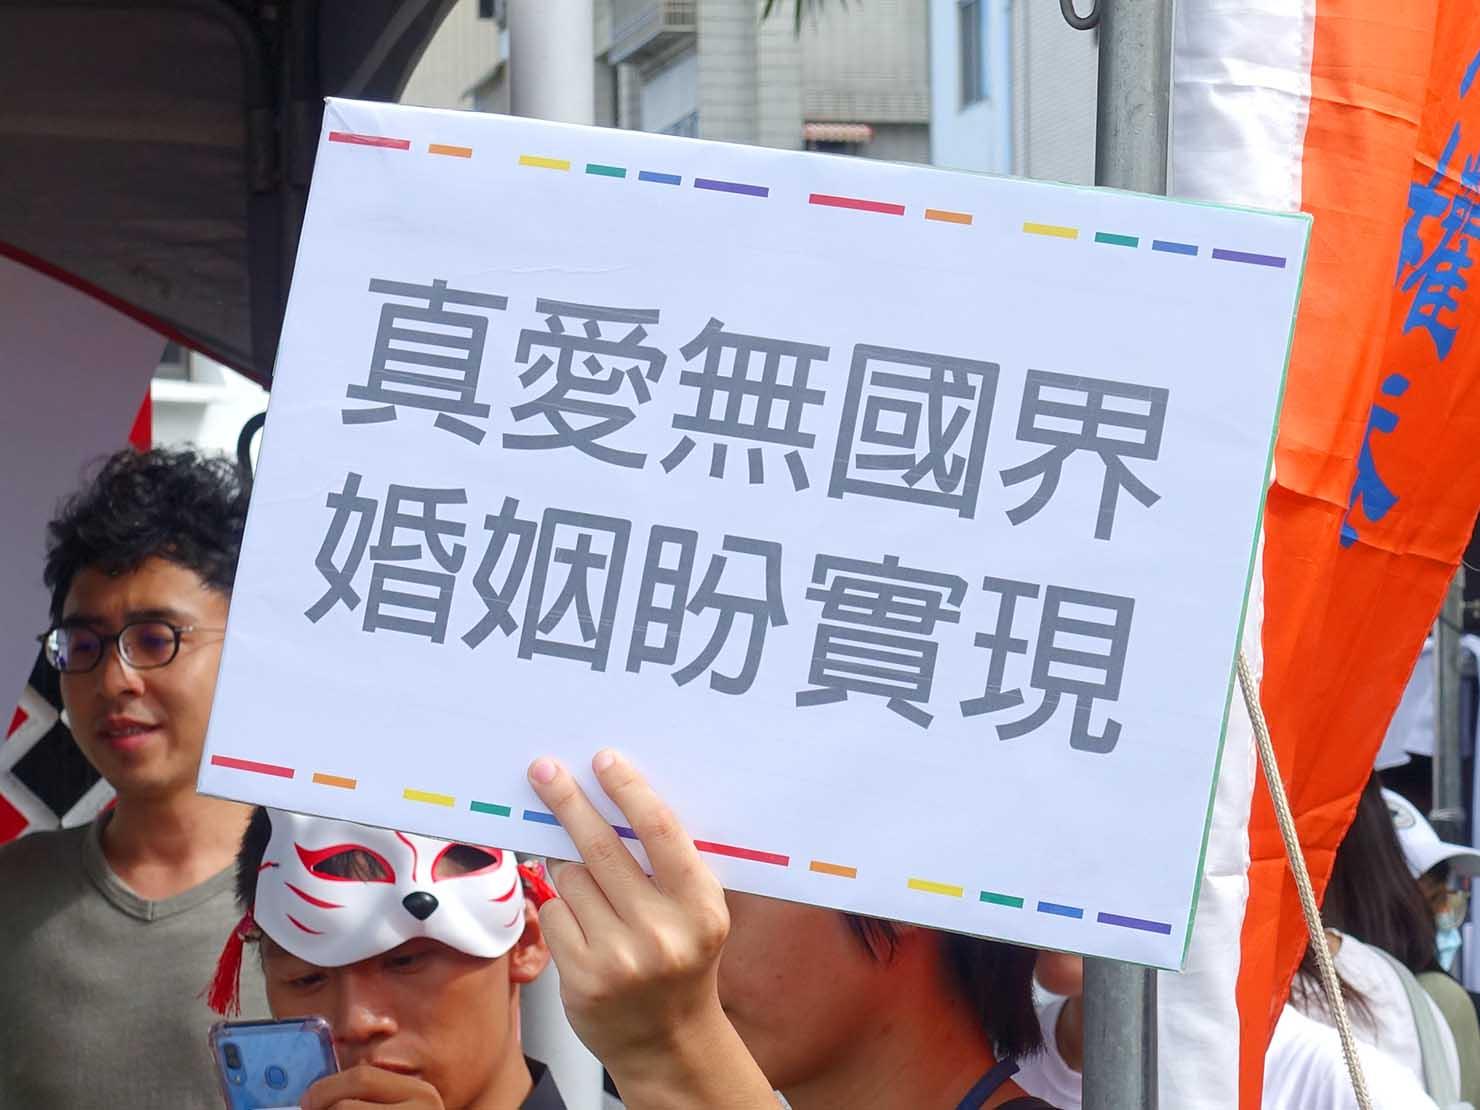 花東彩虹嘉年華(台湾東部LGBTプライド)の会場に掲げられたプラカード